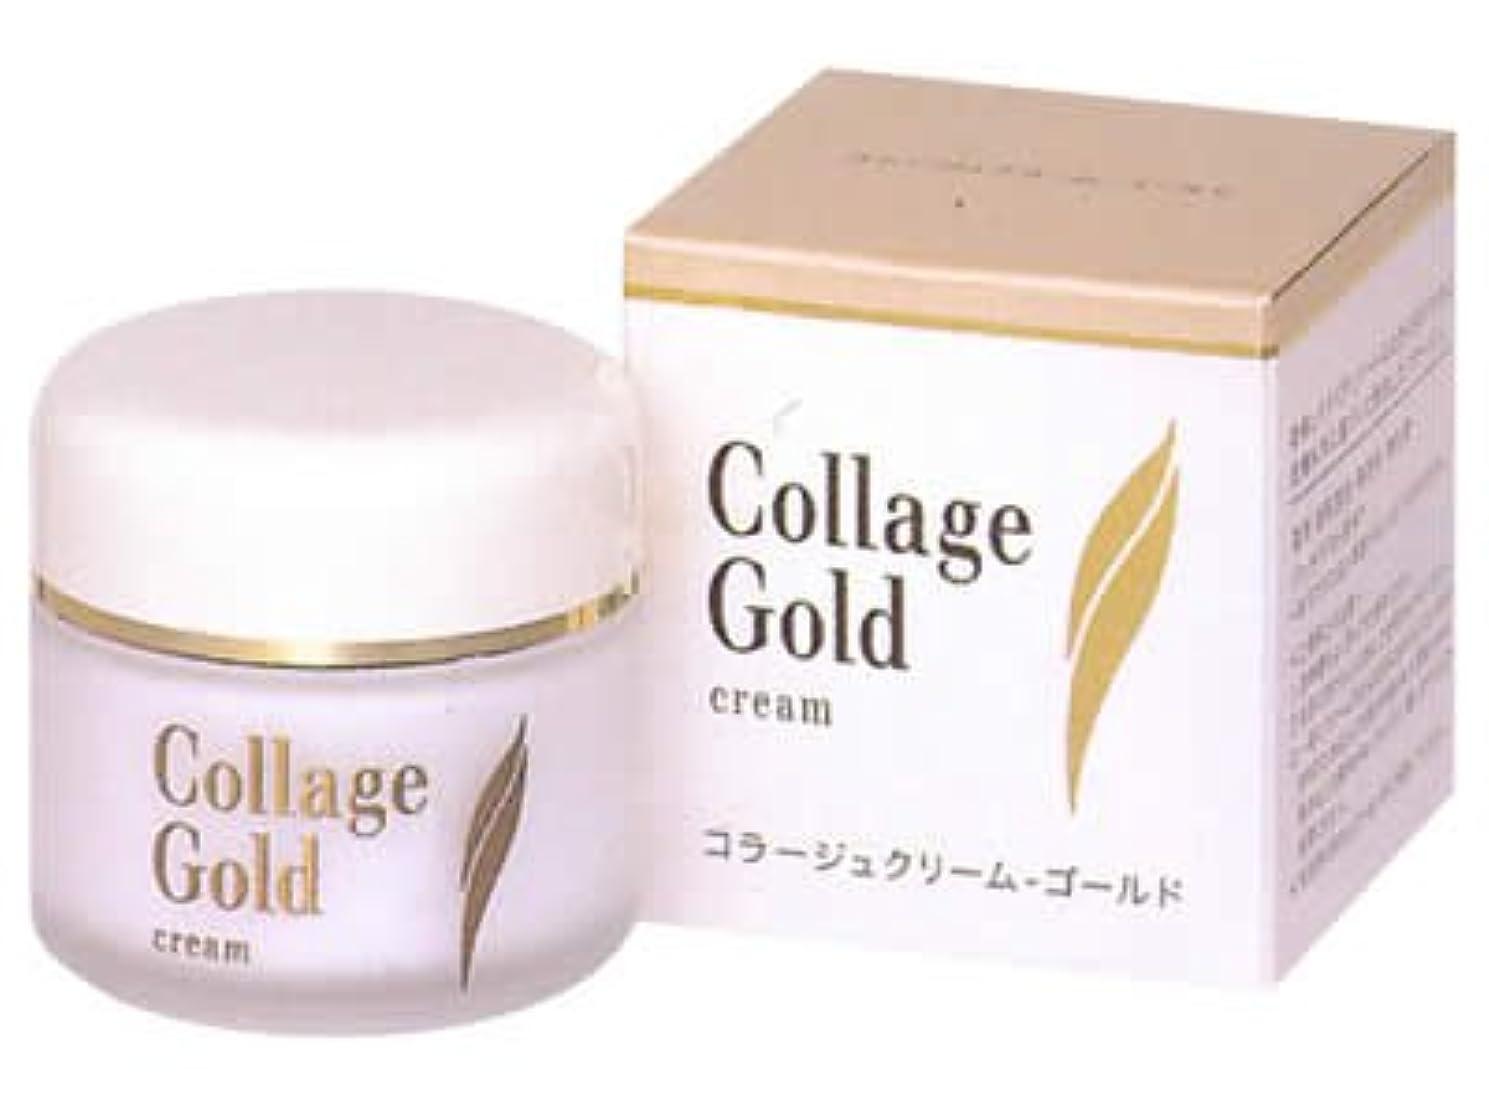 効率的に奇跡カウントアップコラージュ クリーム-ゴールドS 35g (医薬部外品)